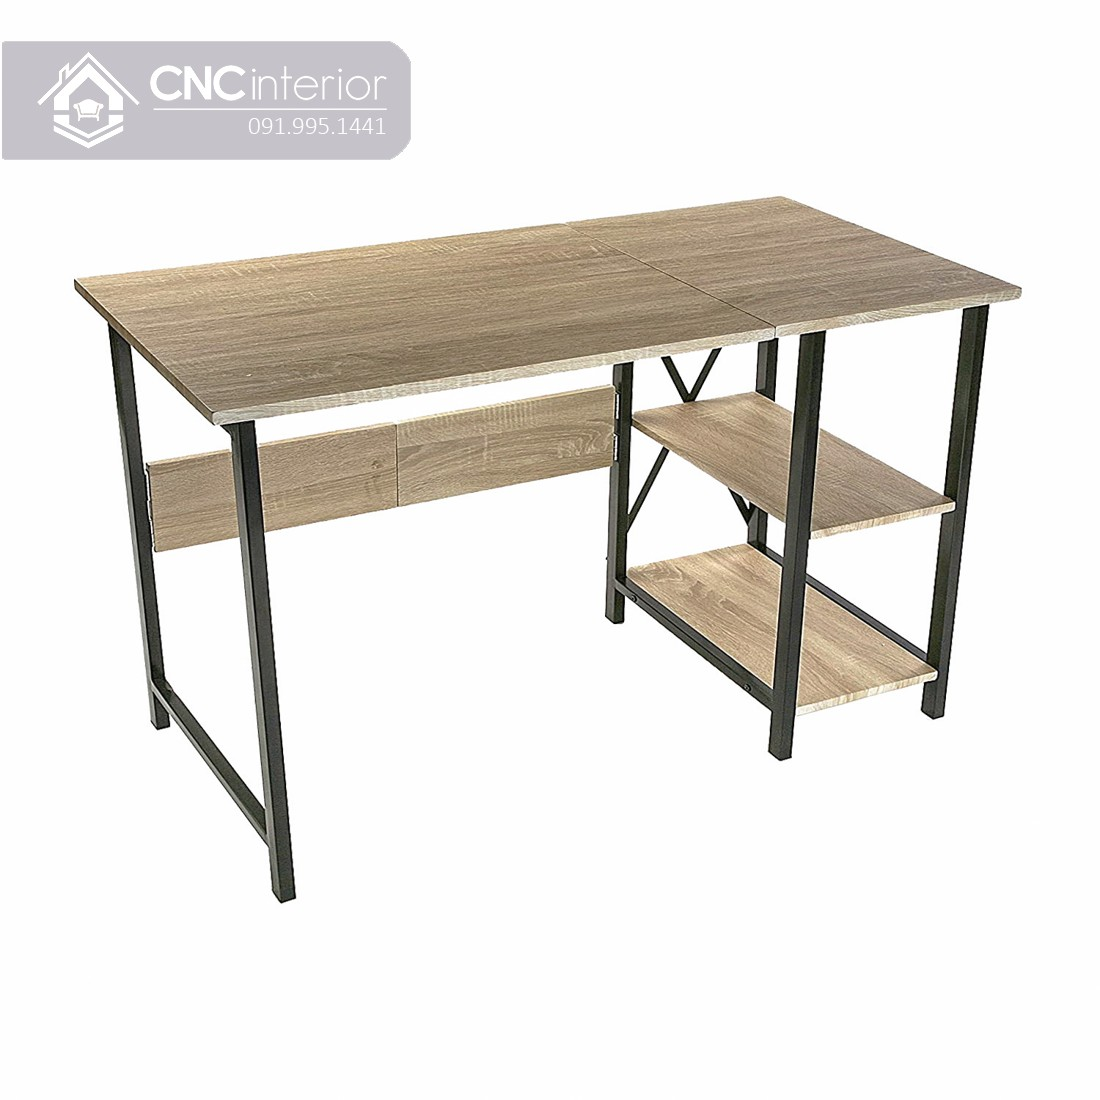 Bàn làm việc tại nhà bằng gỗ đơn giản cá tính CNC 37 2